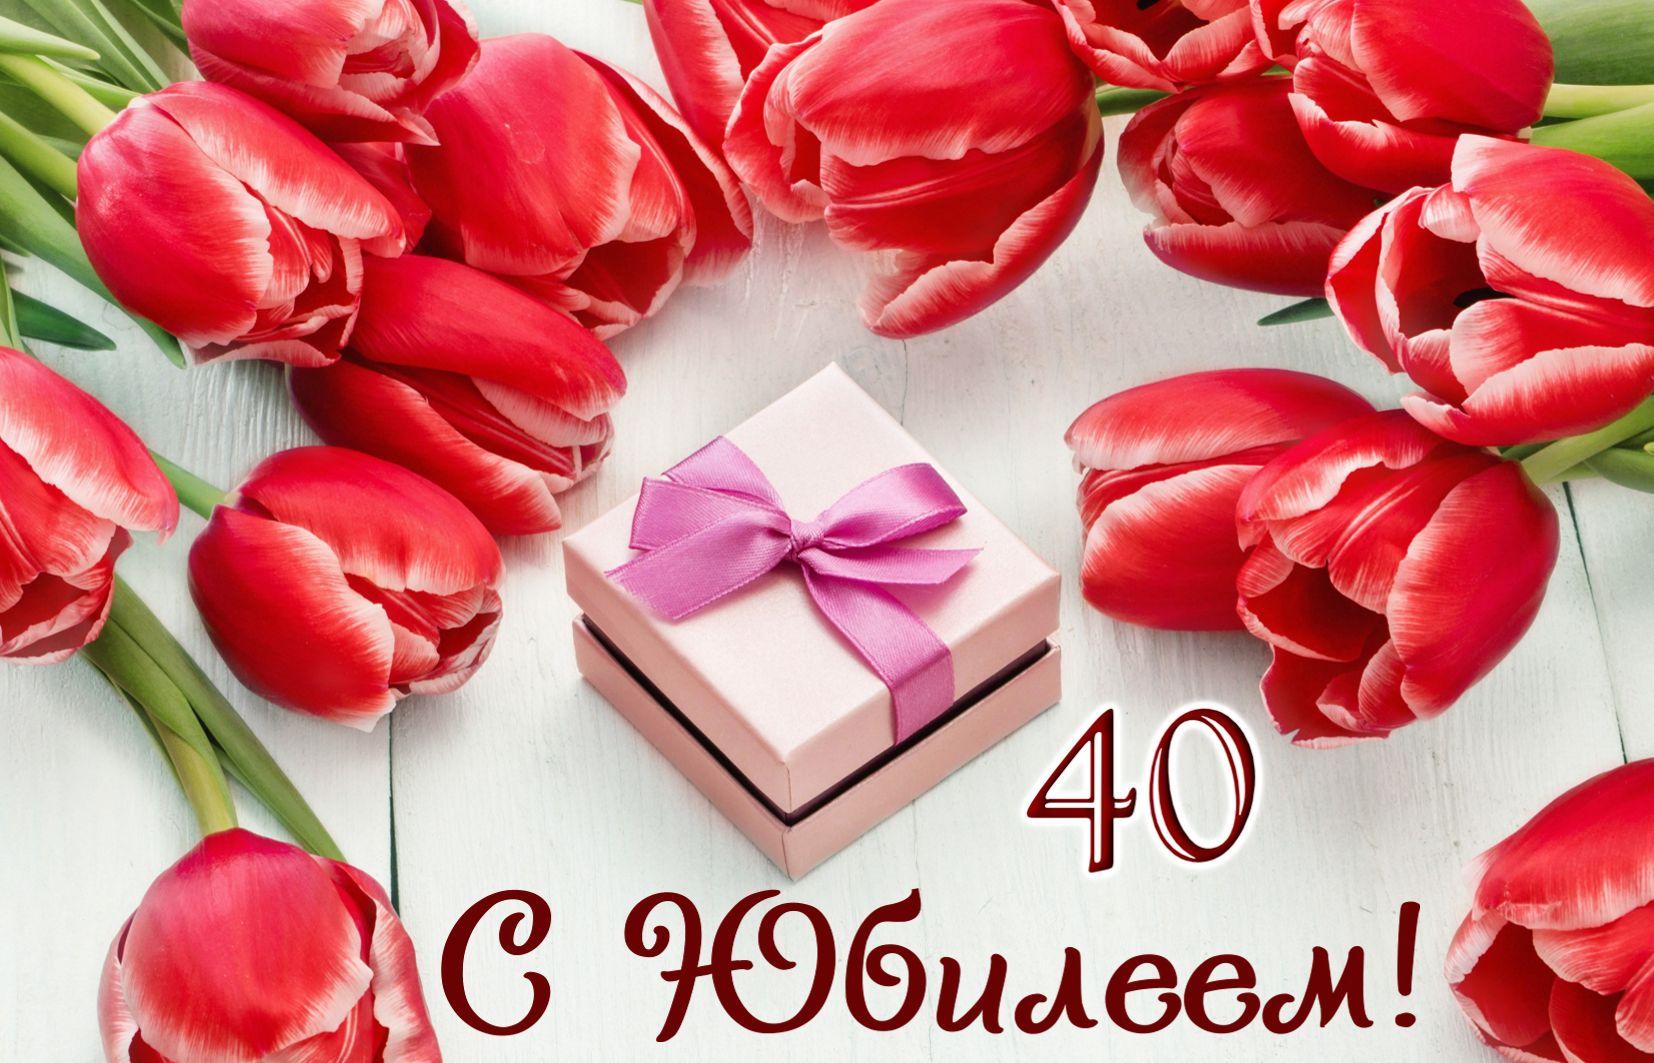 Открытка на юбилей 40 лет - подарок на фоне красных тюльпанов